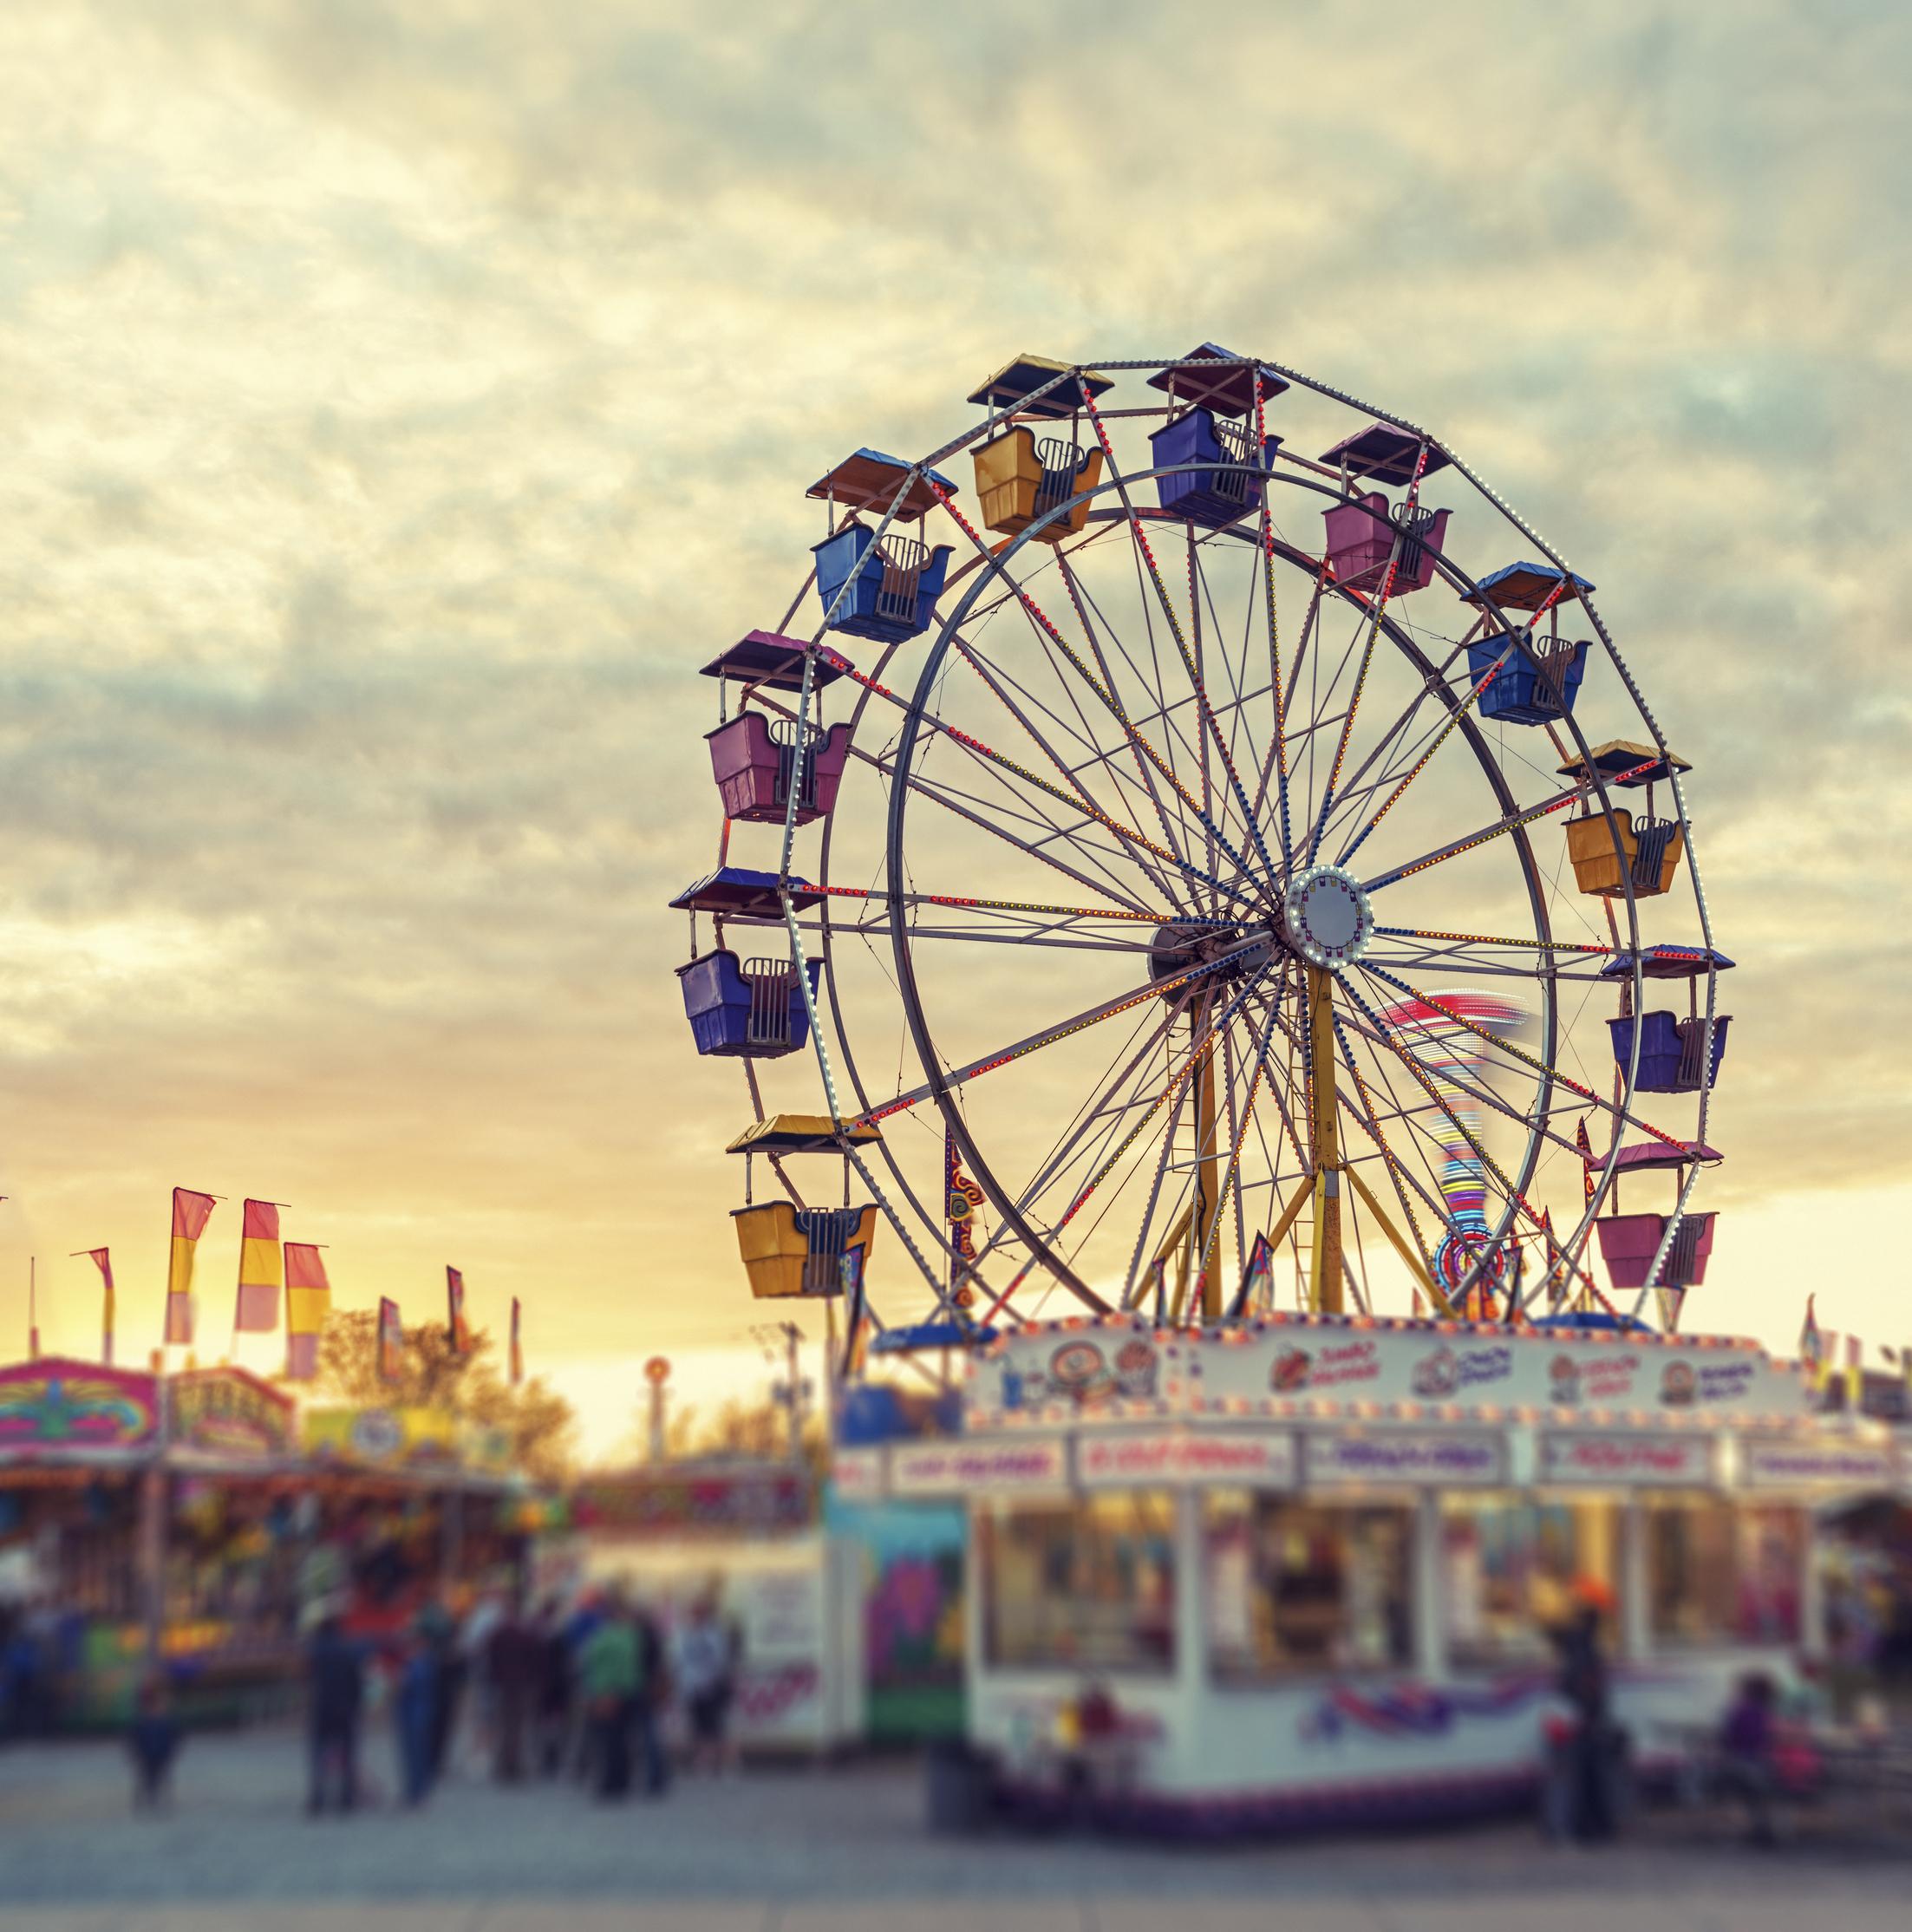 Naloxone Training at New York State Fair